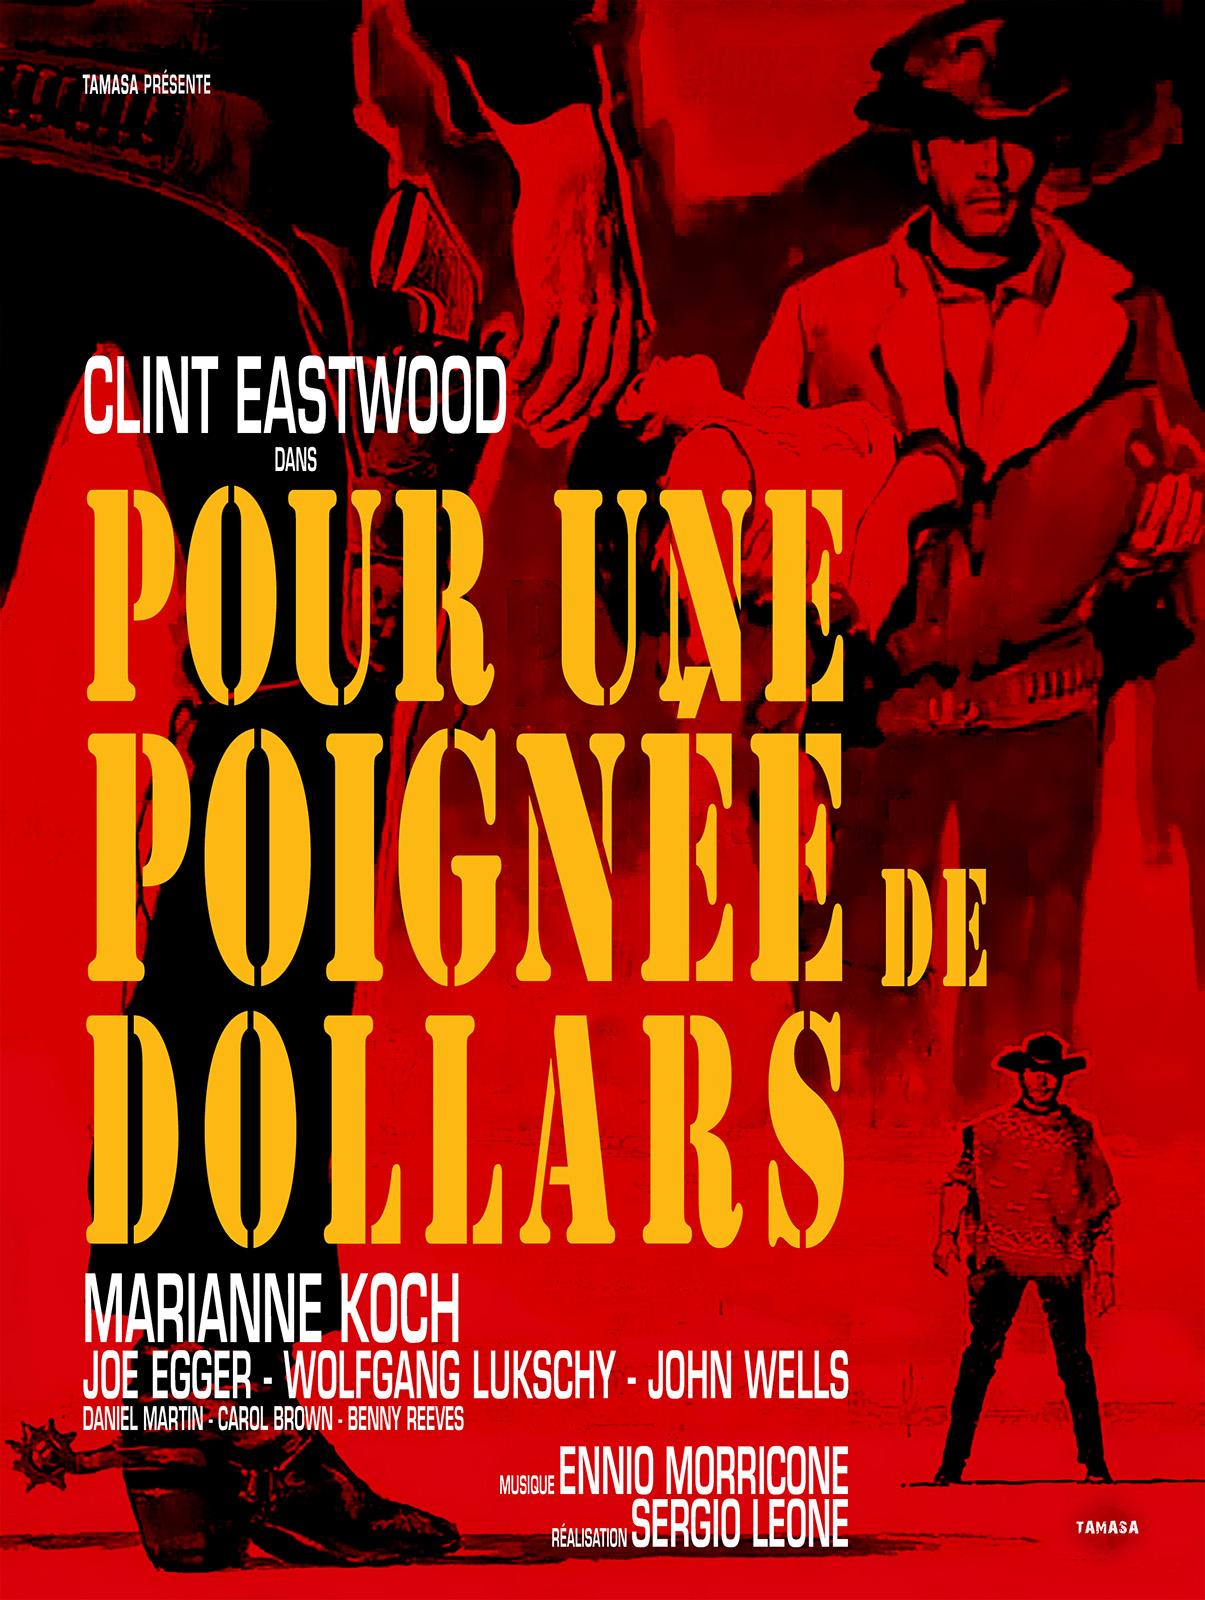 Ciné-Mémoire: Pour une poignée de dollars - MONEIN